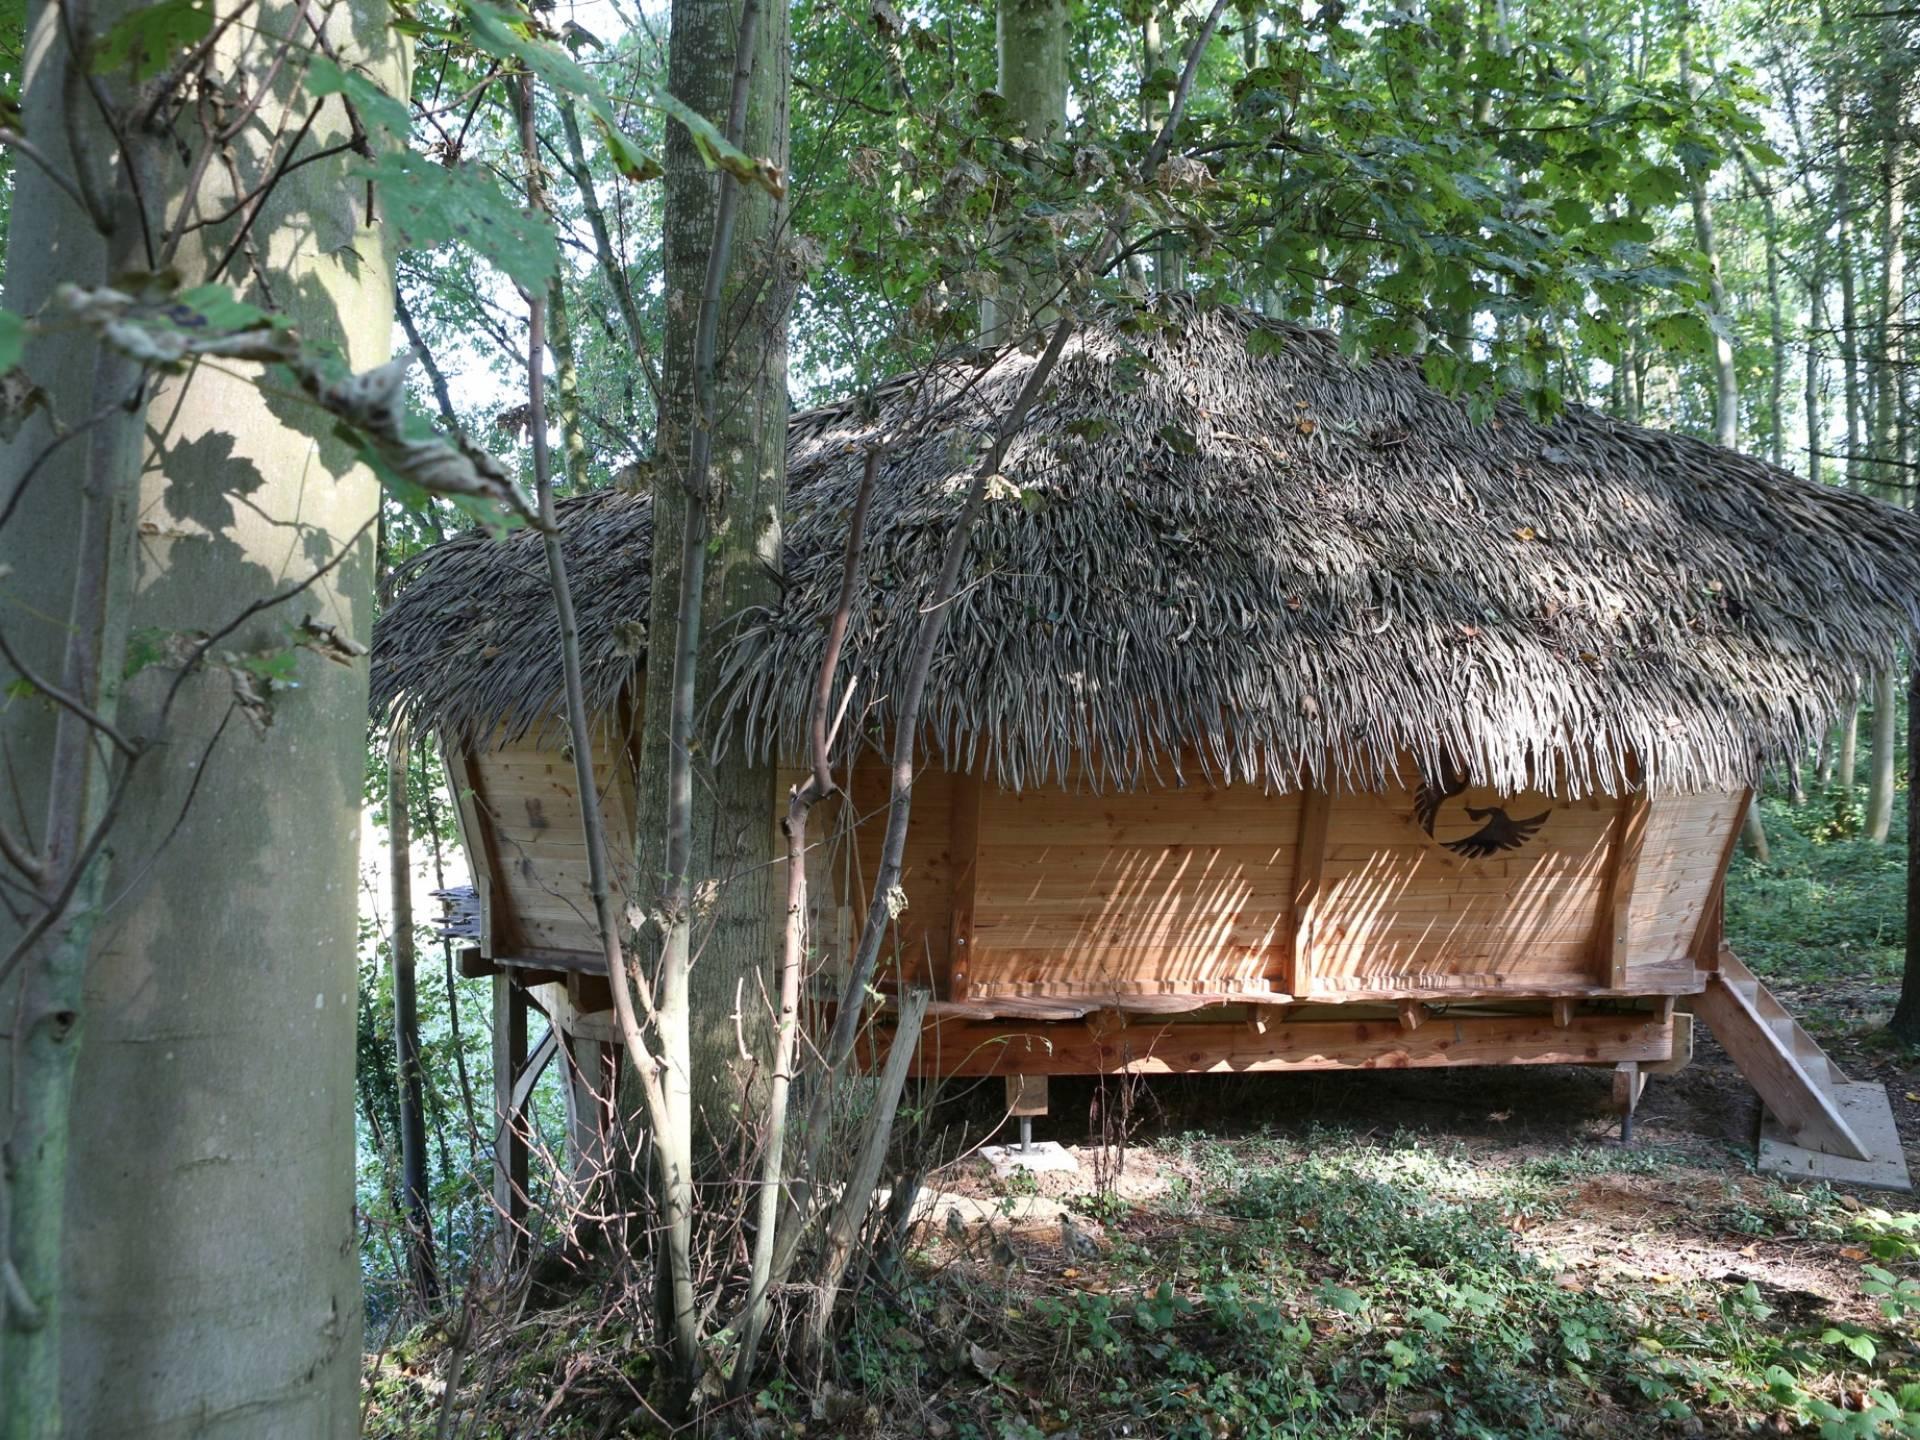 la cabane retour d 39 orient cabane dans les arbres picardie hauts de france location insolite. Black Bedroom Furniture Sets. Home Design Ideas